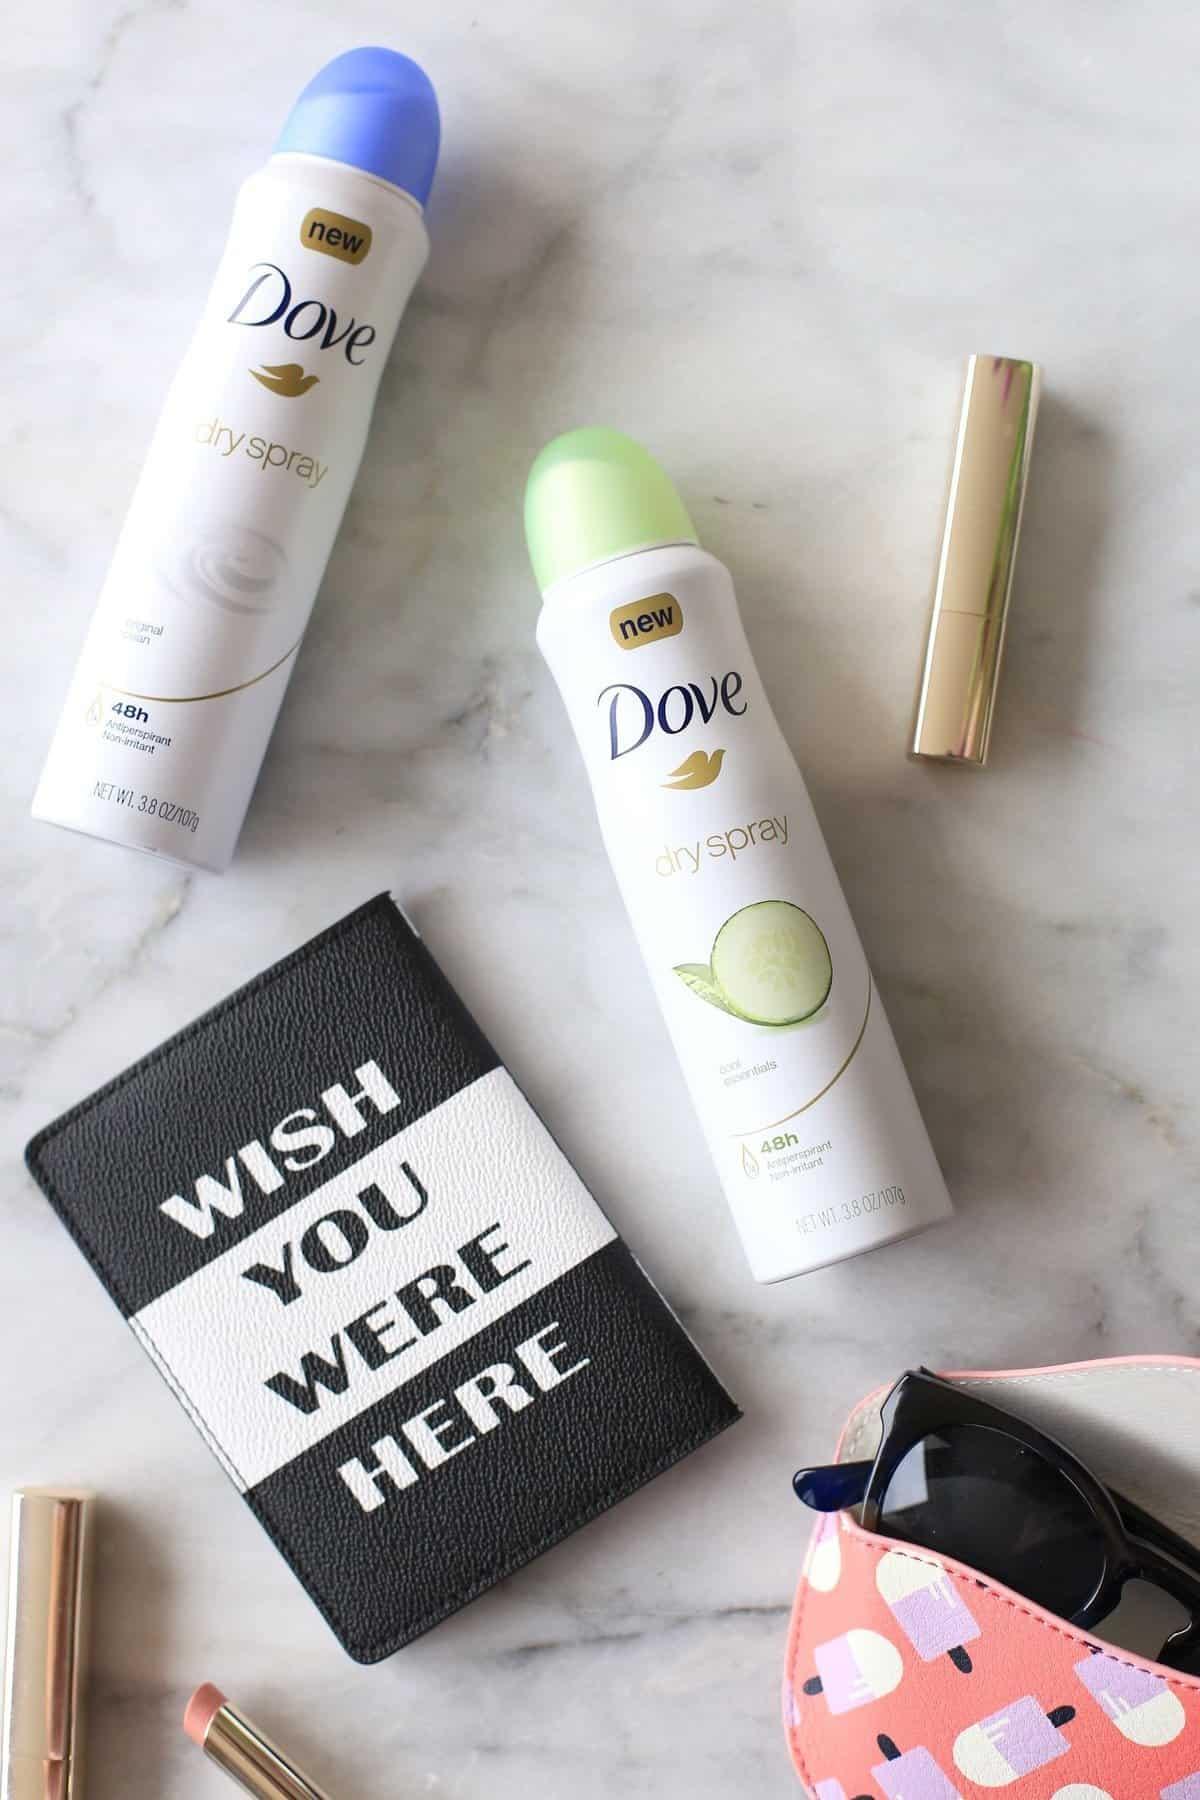 Dove Spray - @mystylevita